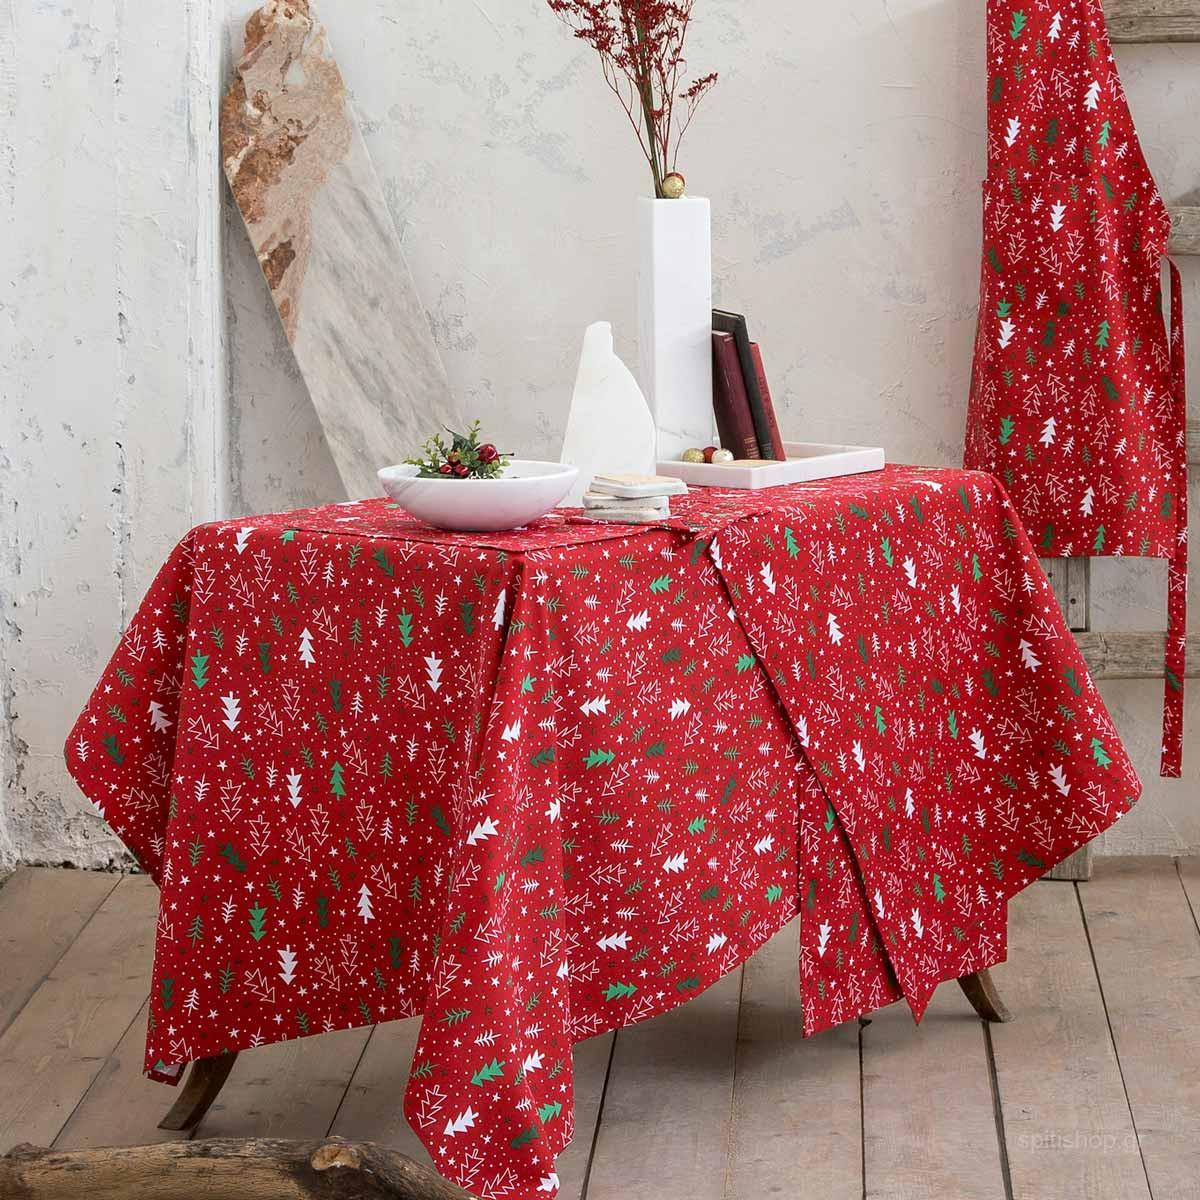 Χριστουγεννιάτικο Τραπεζομάντηλο (150×150) Nima Be Merry